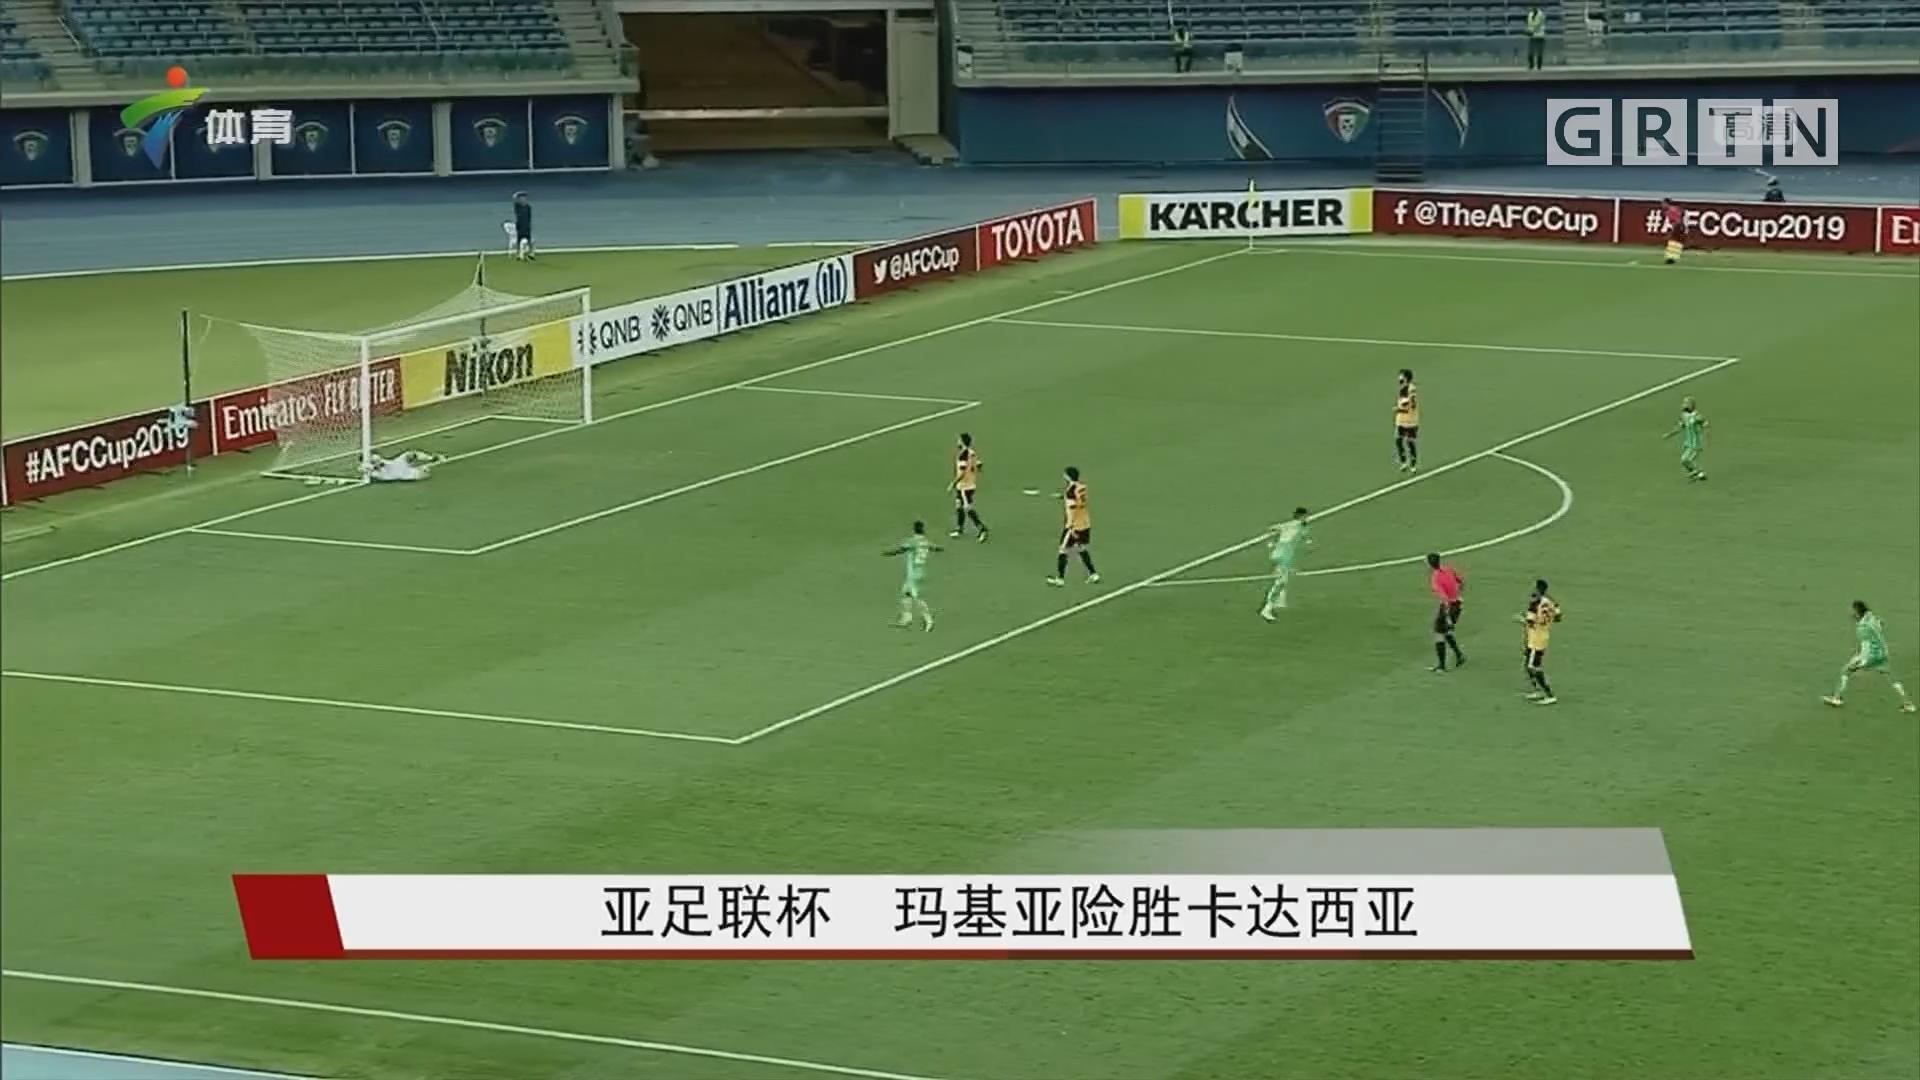 亚足联杯 玛基亚险胜卡达西亚